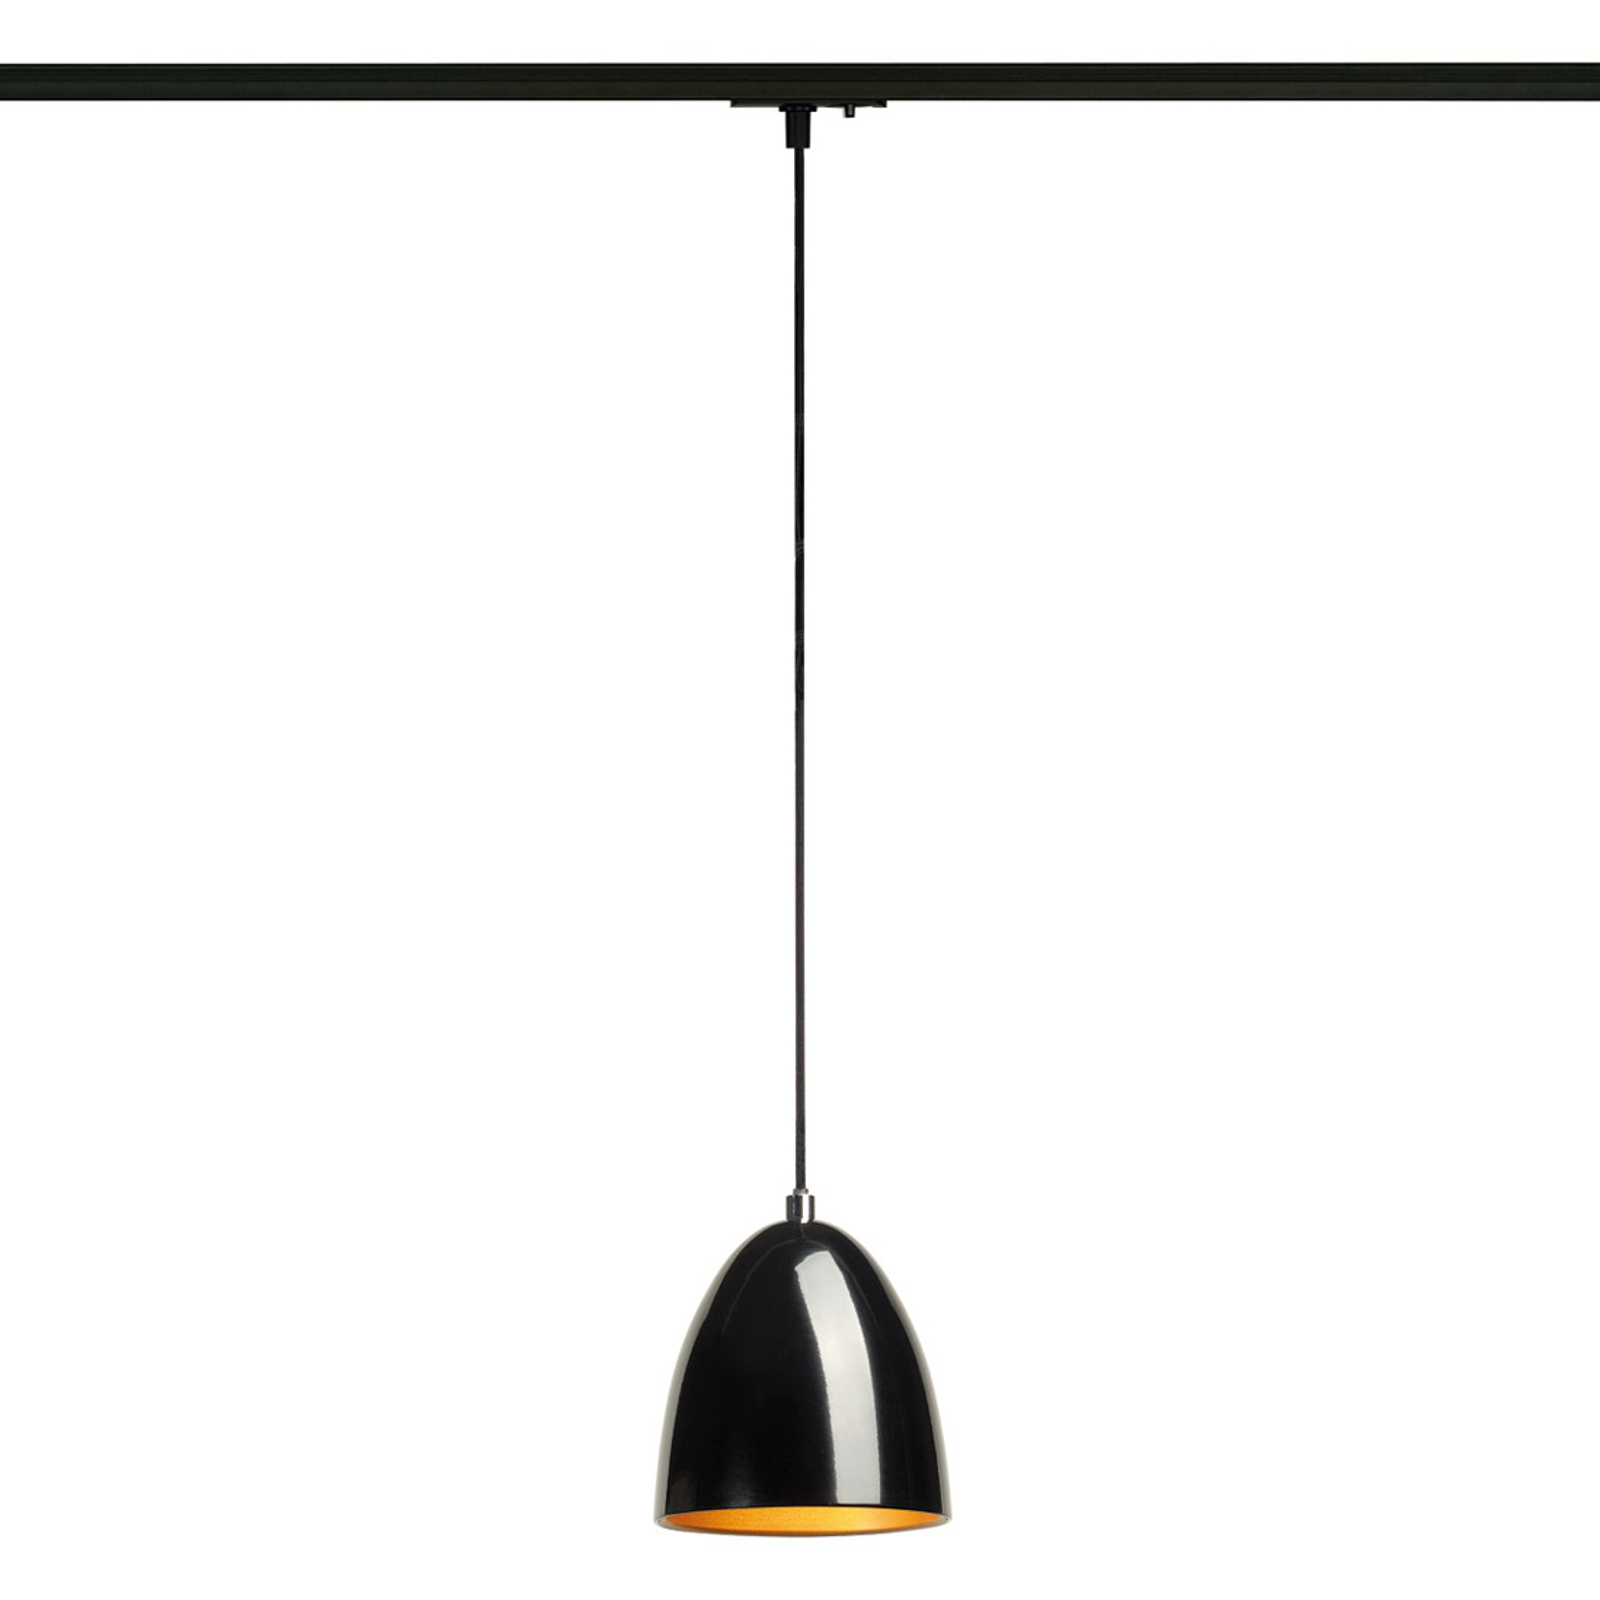 Zwarte- gouden hanglamp Para Cone v. 1-f. rail